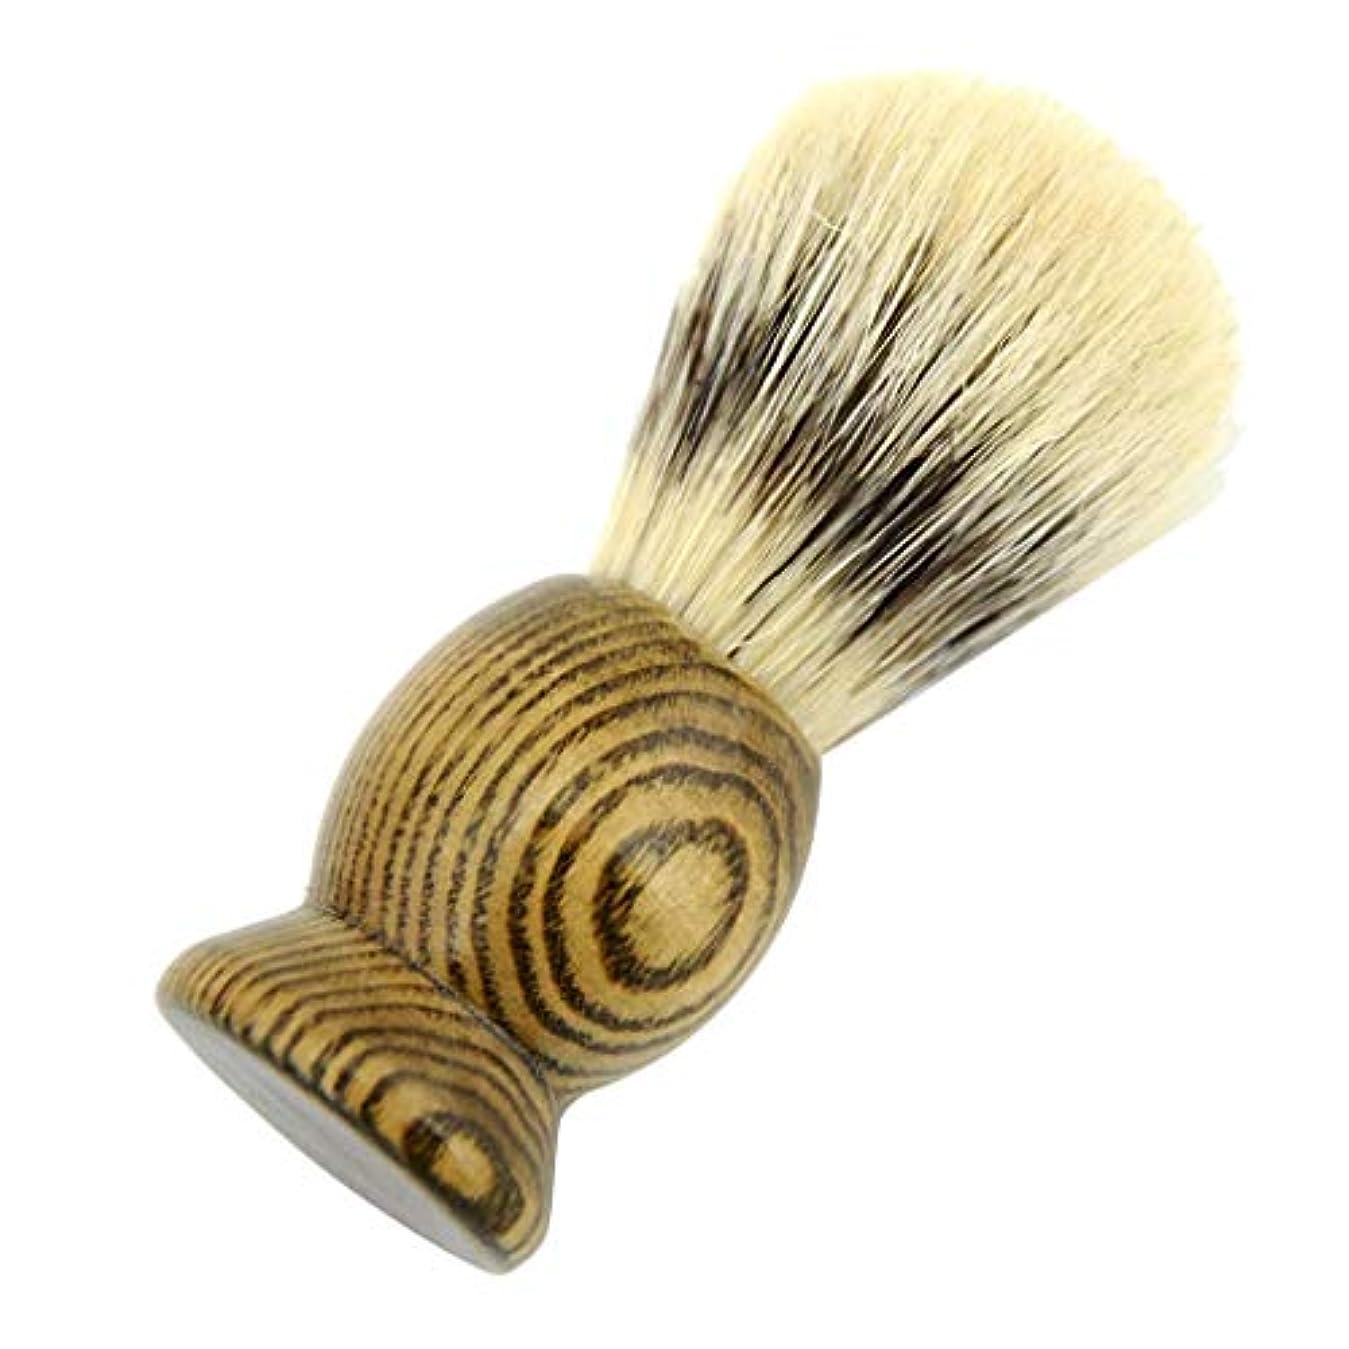 アーサーコナンドイル階下コスチュームひげブラシ メンズ シェービングブラシ 髭剃り 理容 洗顔 ポータブルひげ剃り美容ツール